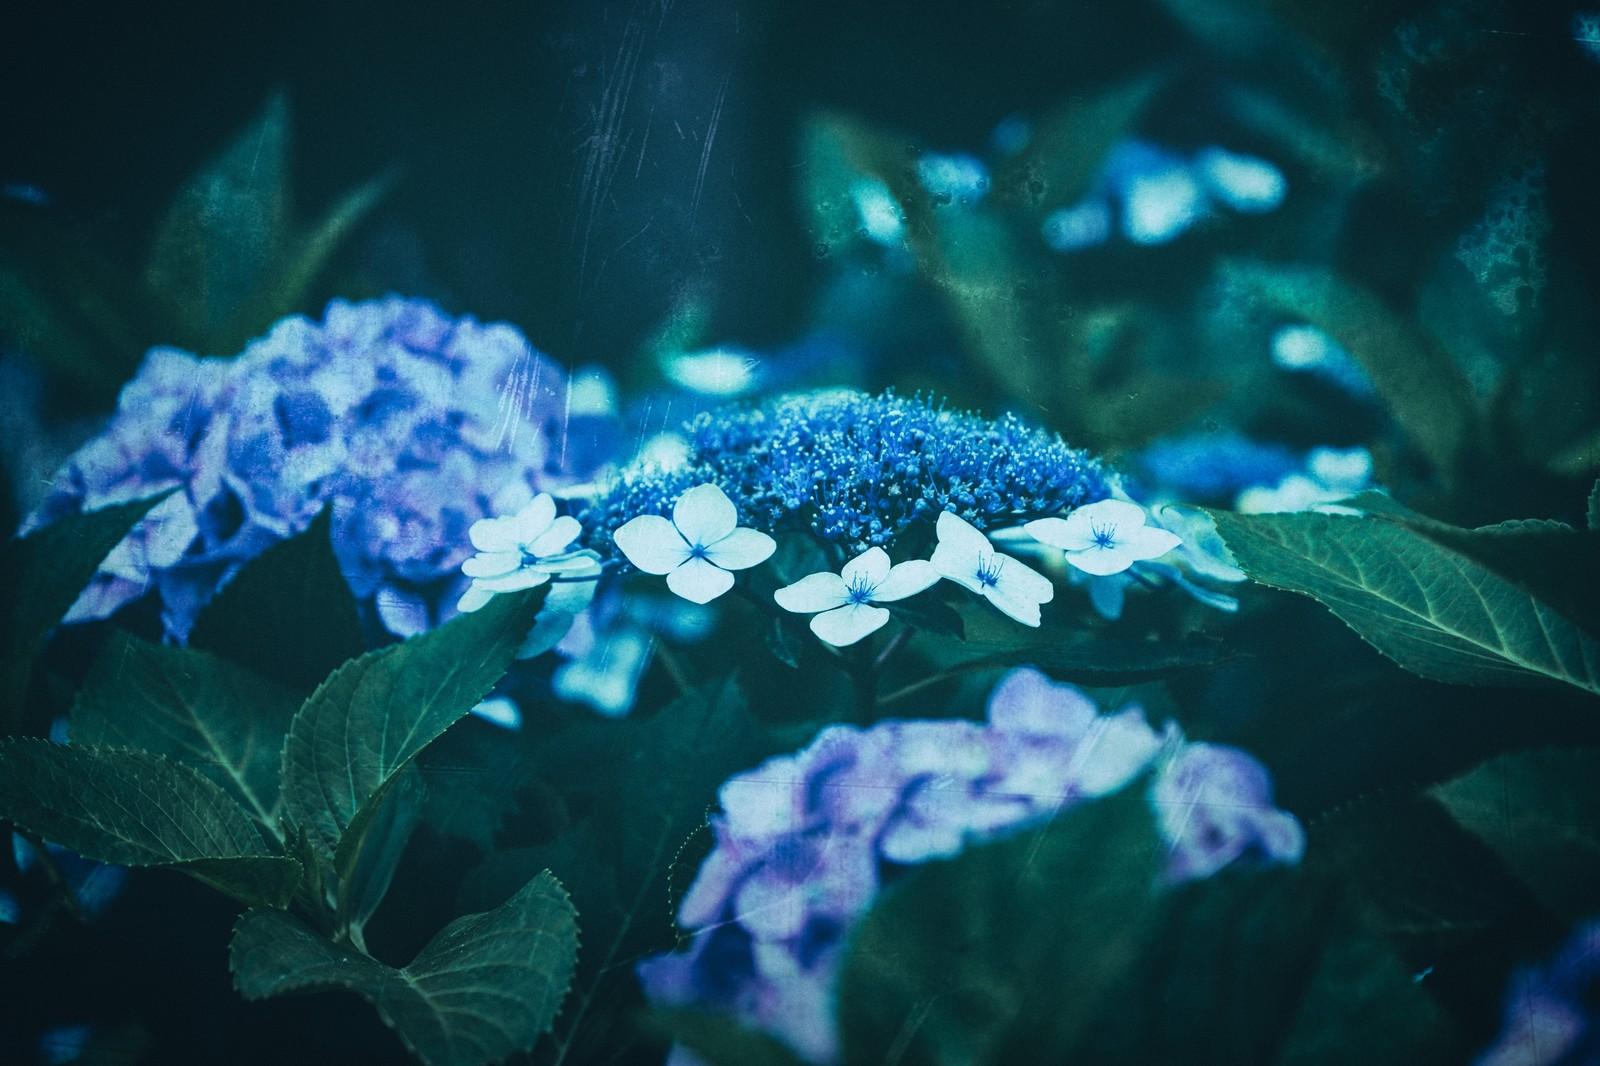 雨の中しずかにたたずむ綺麗な青色のアジサイ